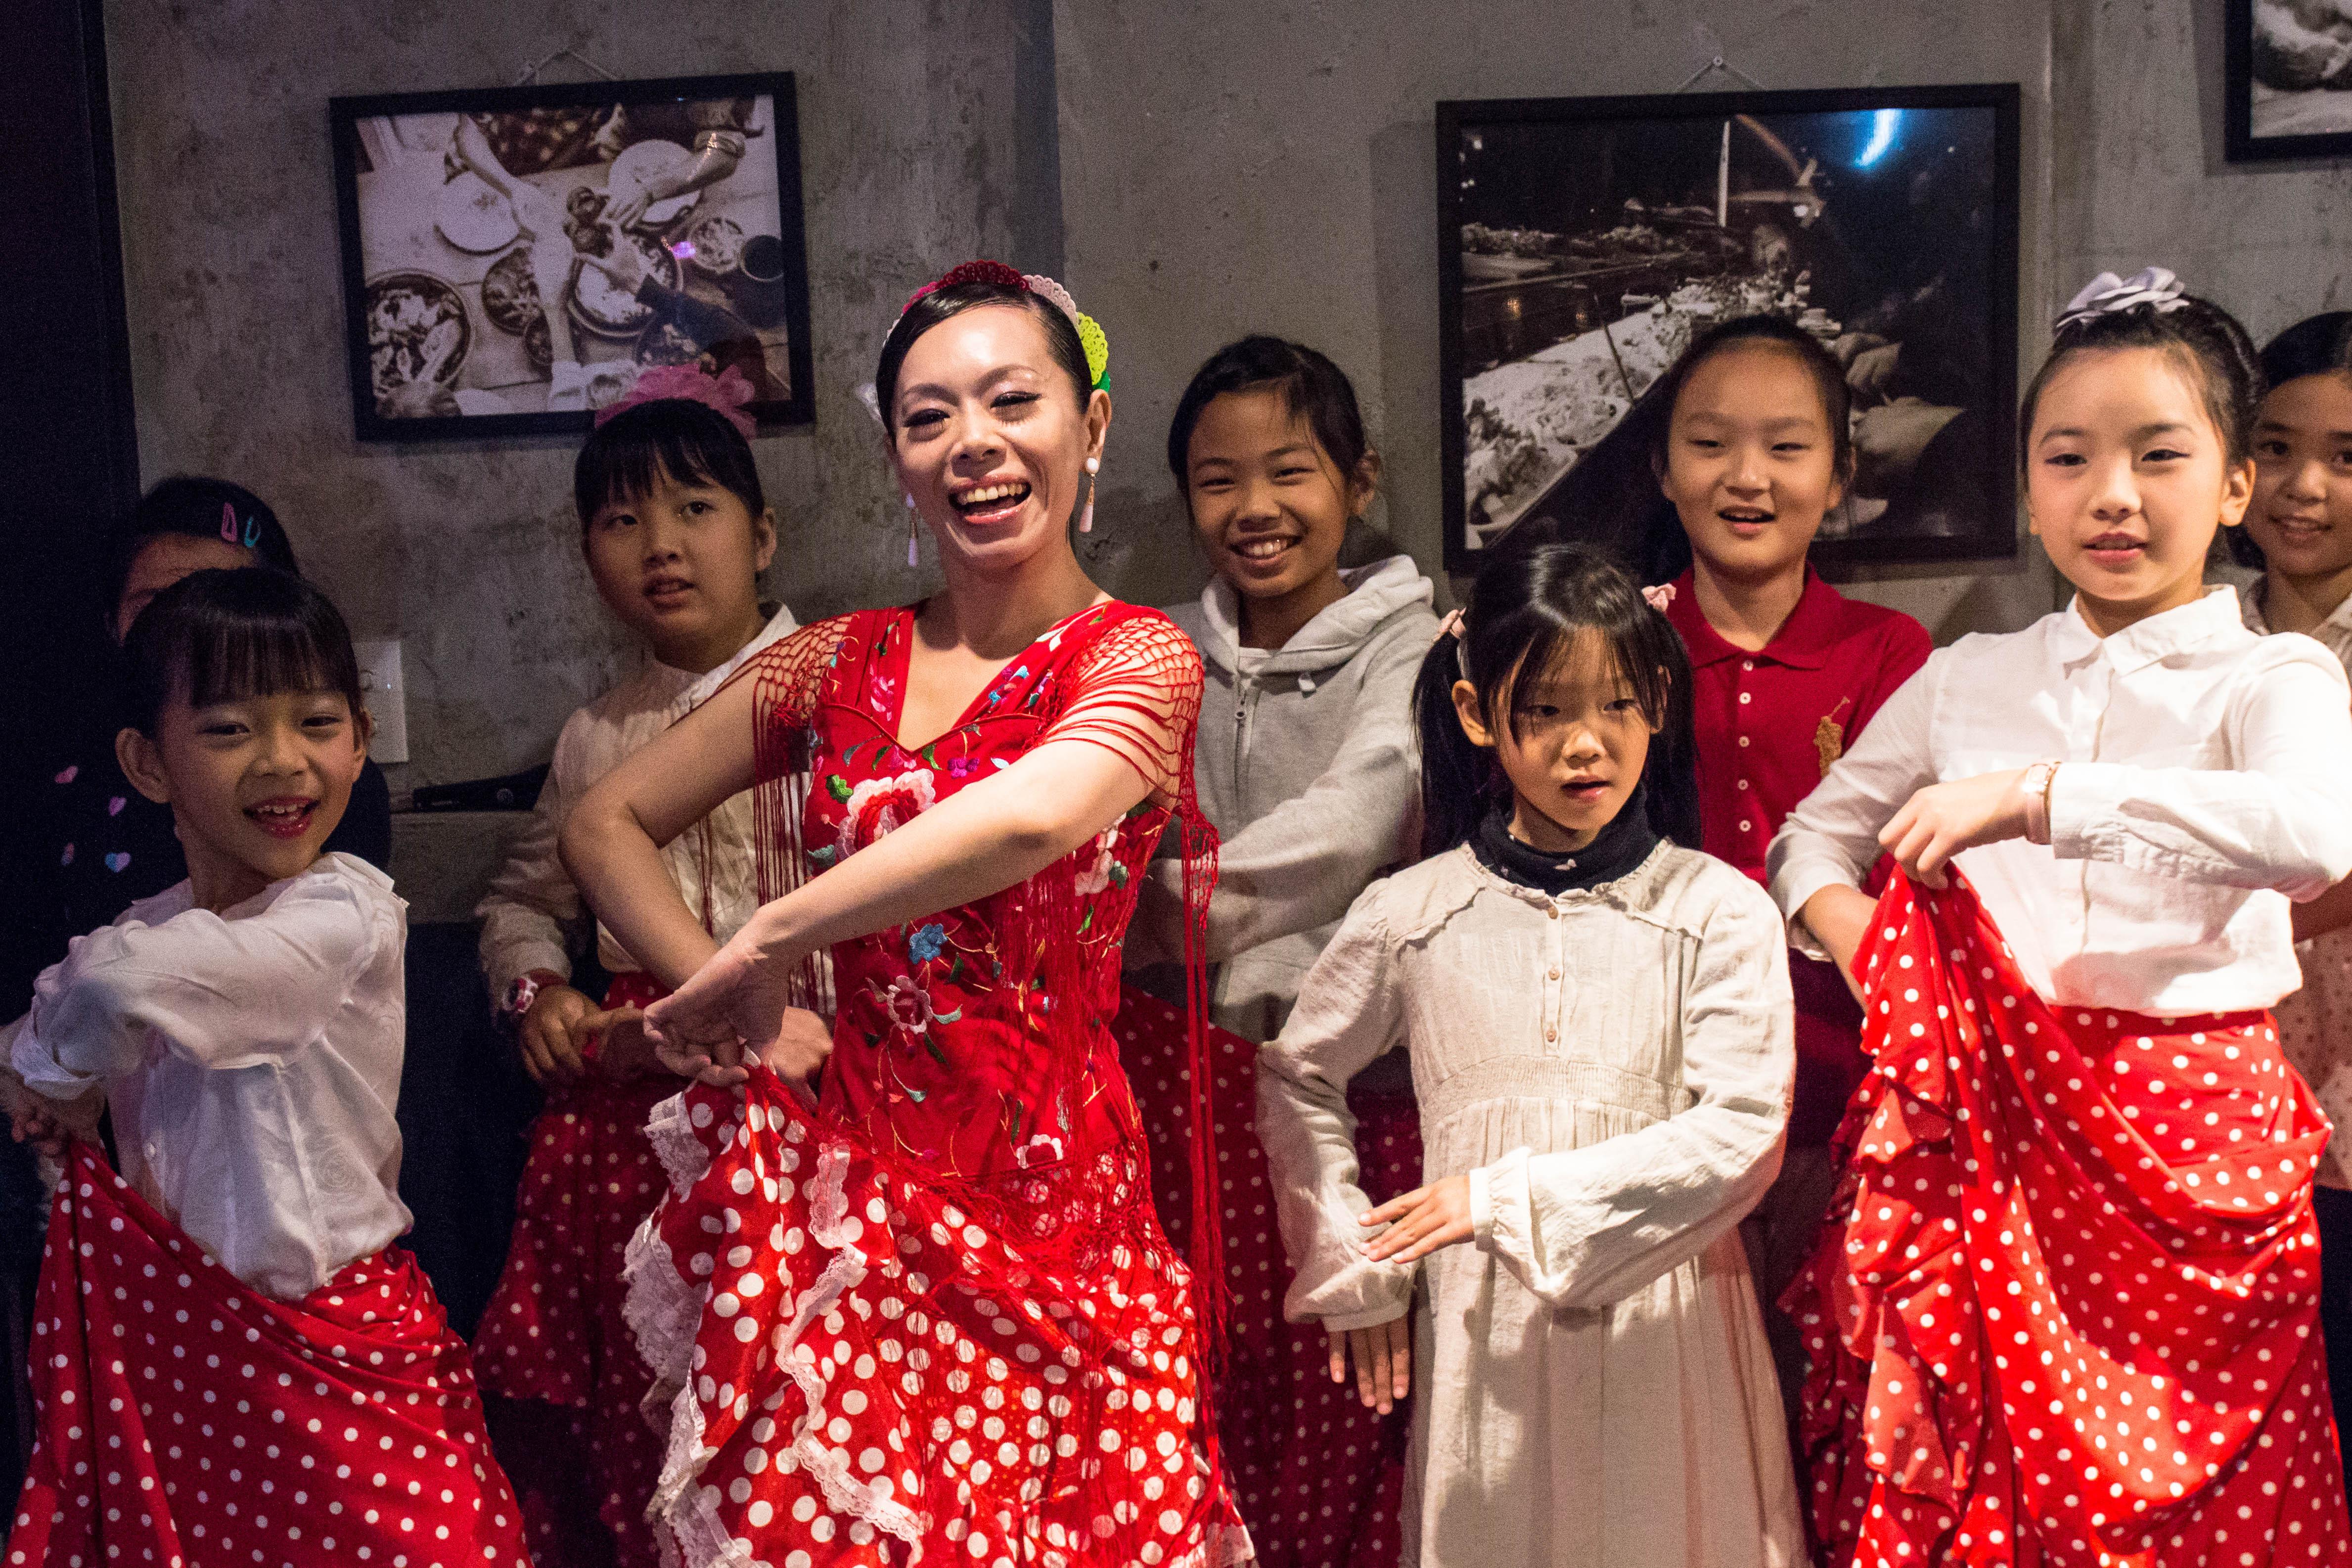 佛朗明哥舞社老師吳郁璇(VIVI)(前排左2)致力將異國文化融入生活,用心安排期末演出。攝影/高子涵